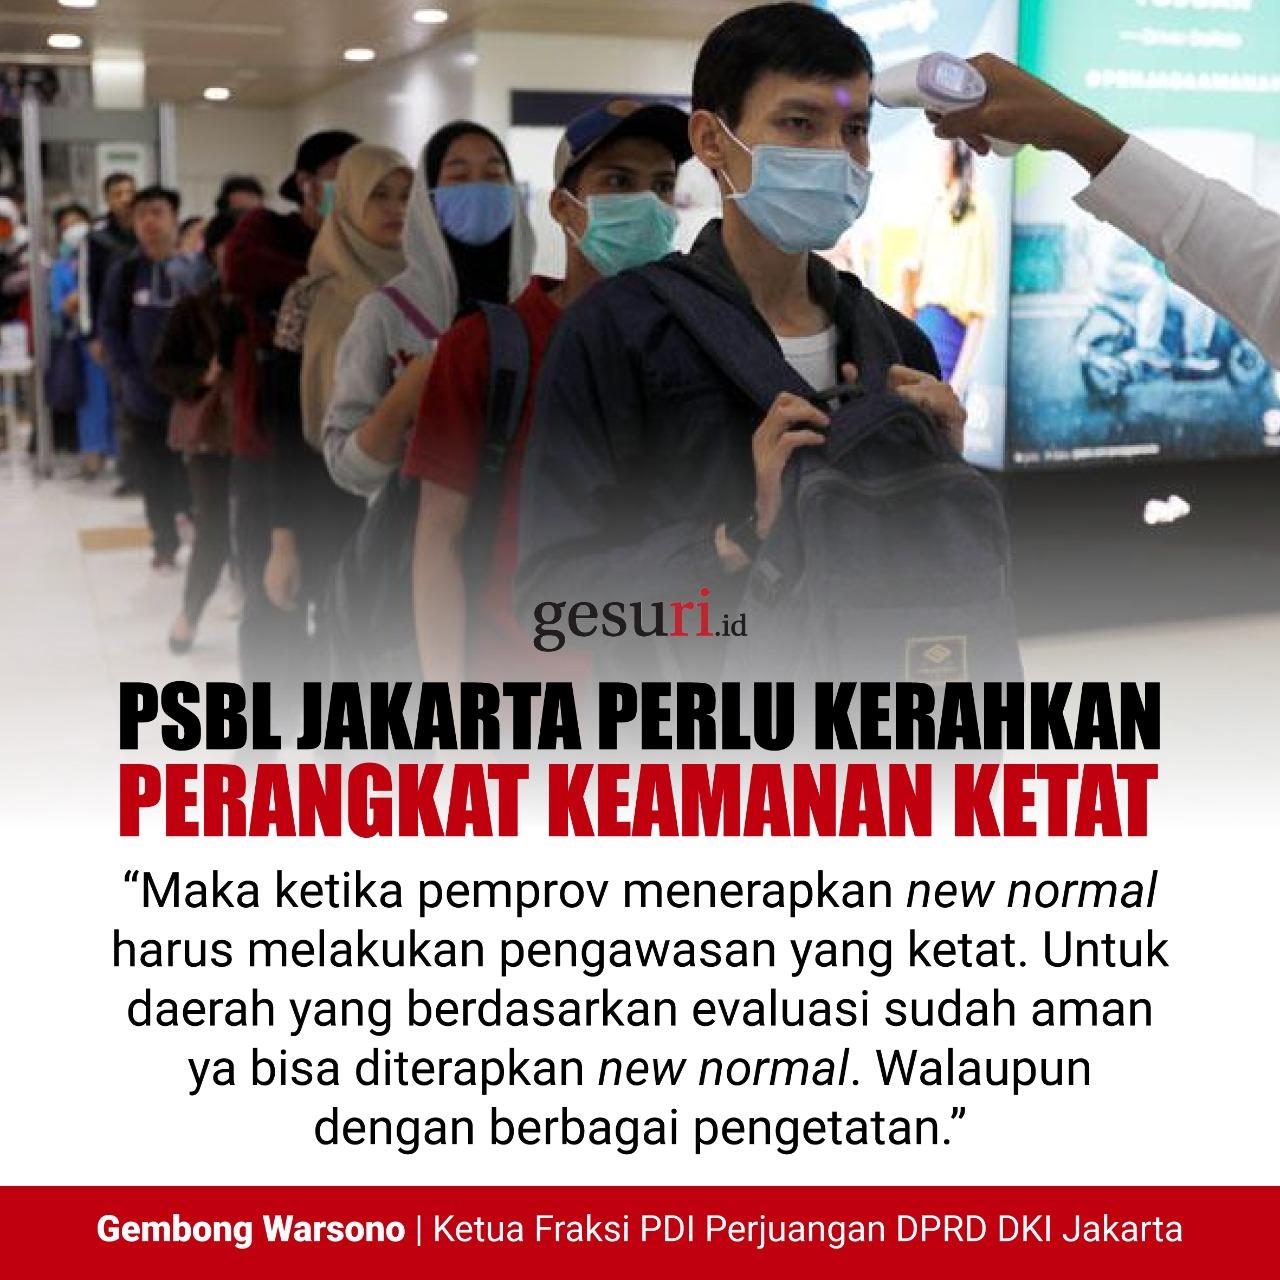 PSBL Jakarta Perlu Kerahkan Perangkat Keamanan Ketat